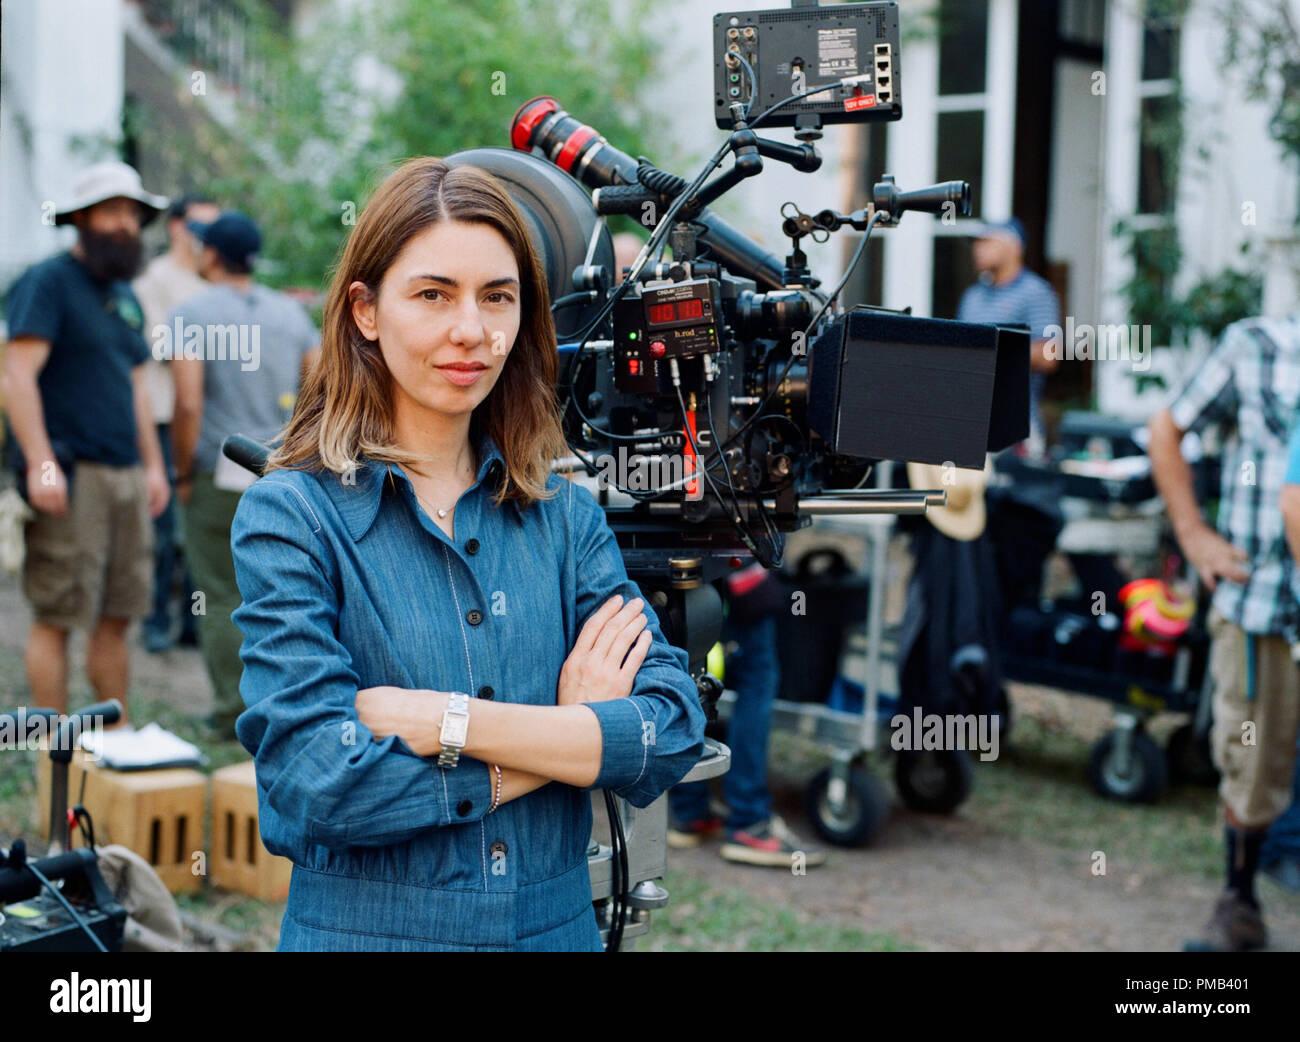 Le scénariste et réalisateur Sofia Coppola sur l'ensemble de l'atmosphère de Focus Features thriller le séduisit. (2017) Photo Stock